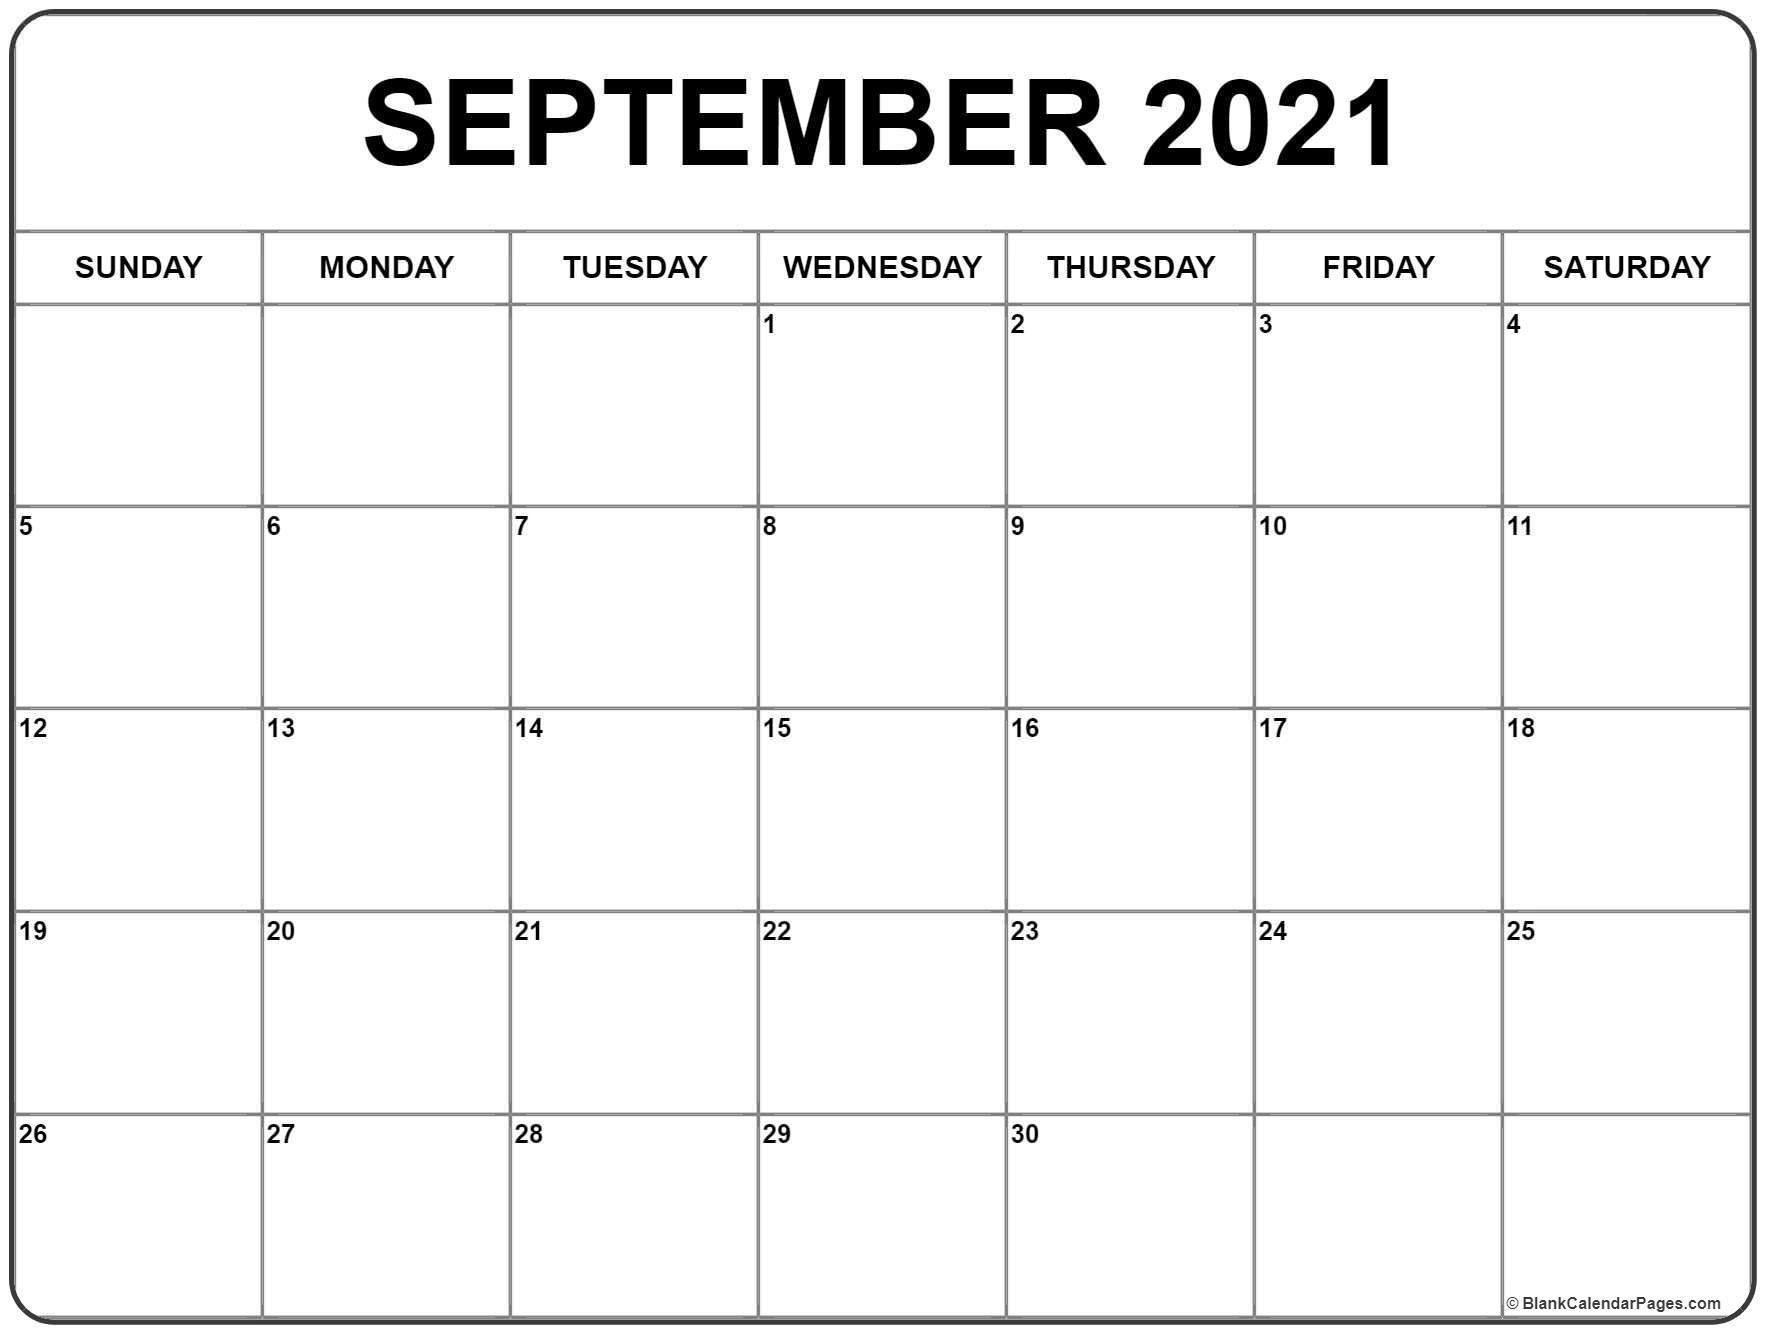 Pick Full Size September 2021 Calendar Printable